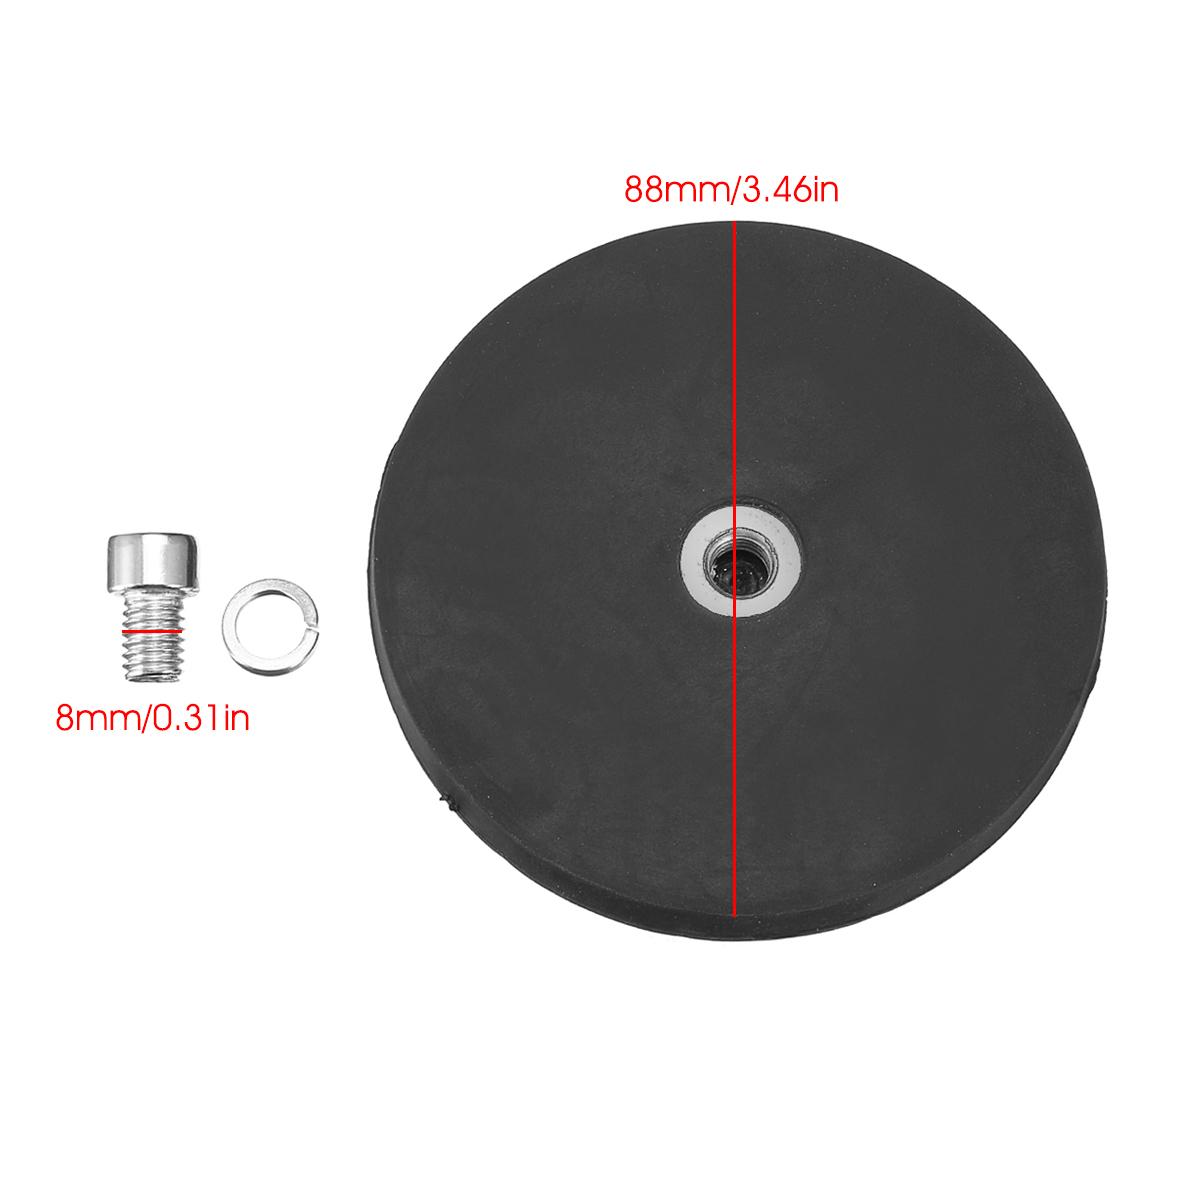 Кронштейн M8 Strong Магнит с резиновой прокладкой для рабочей планки LED - фото 2